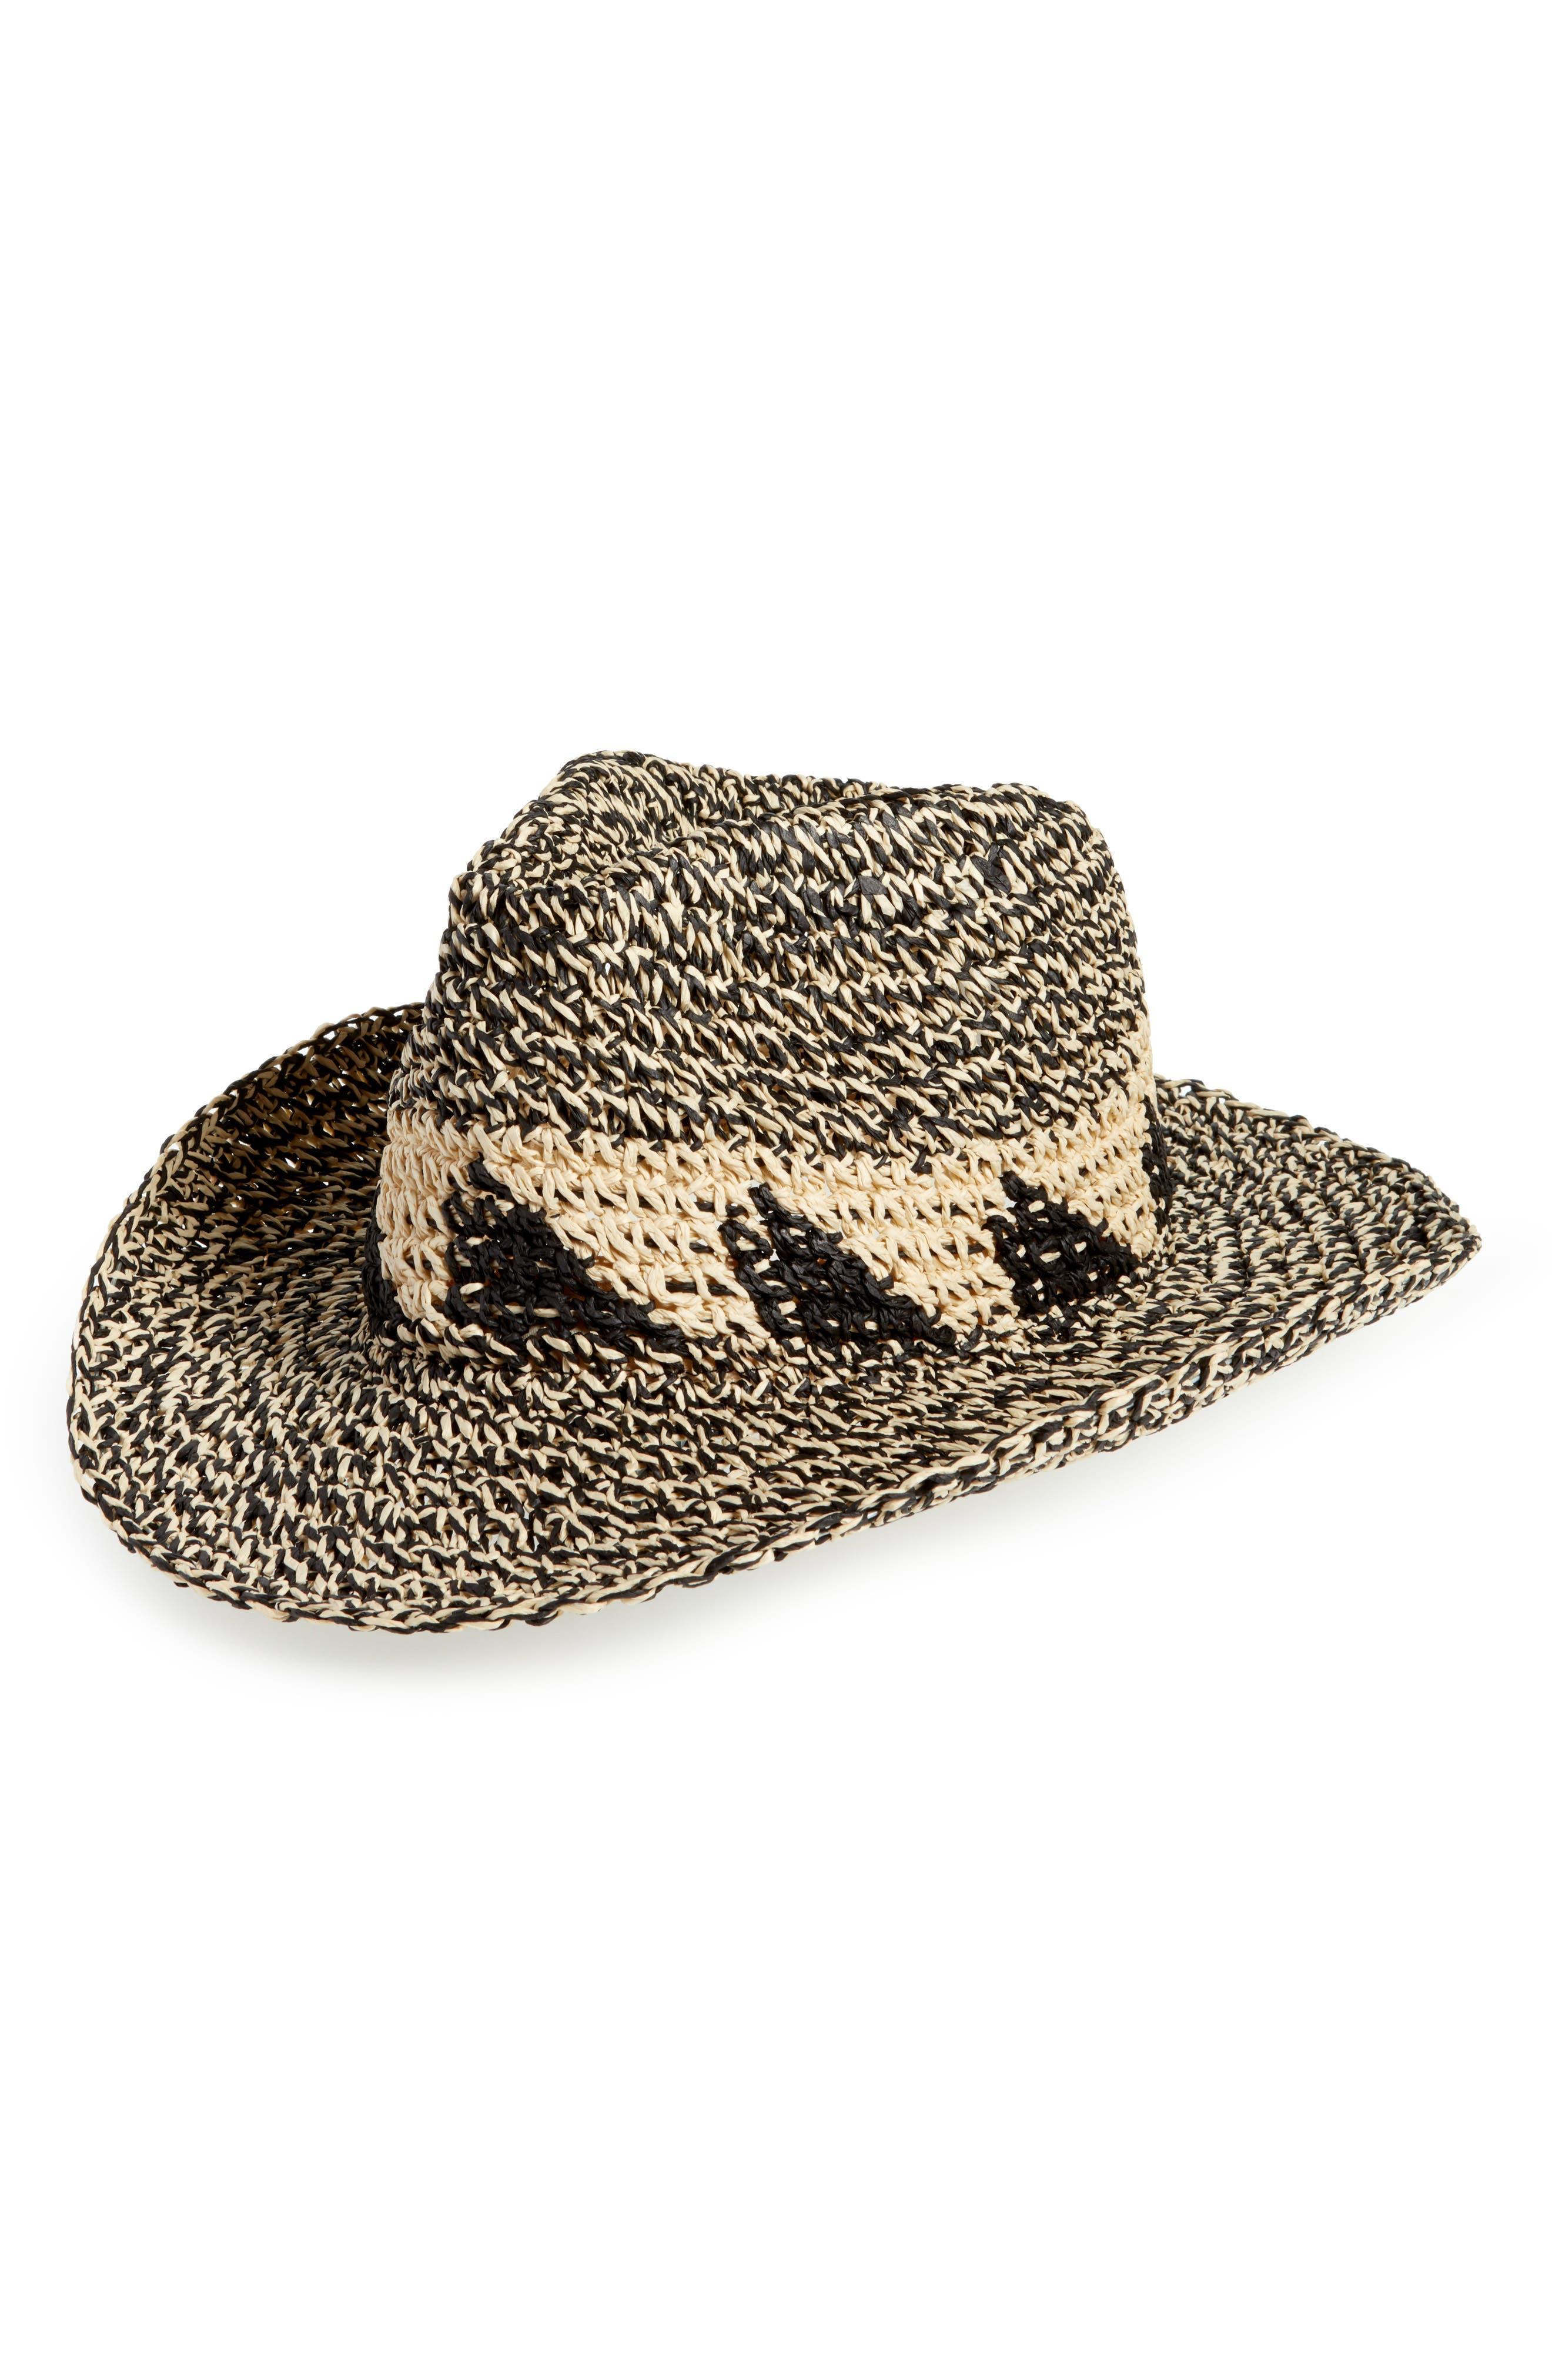 Marled Straw Cowboy Hat,                             Main thumbnail 1, color,                             Natural Combo